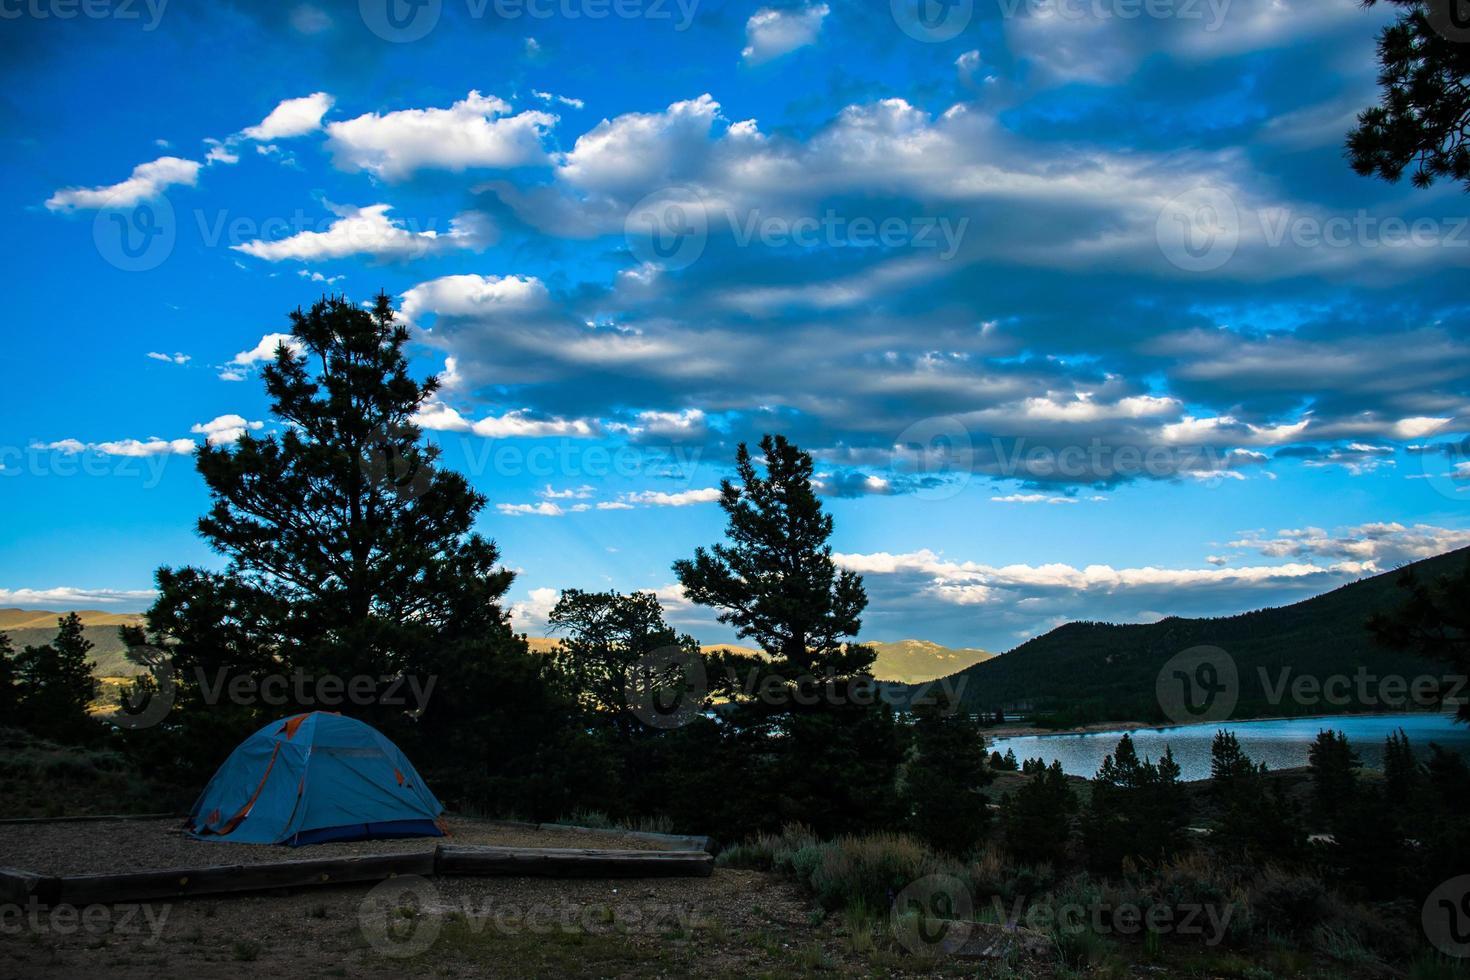 camping en la soledad junto a los lagos gemelos colorado foto